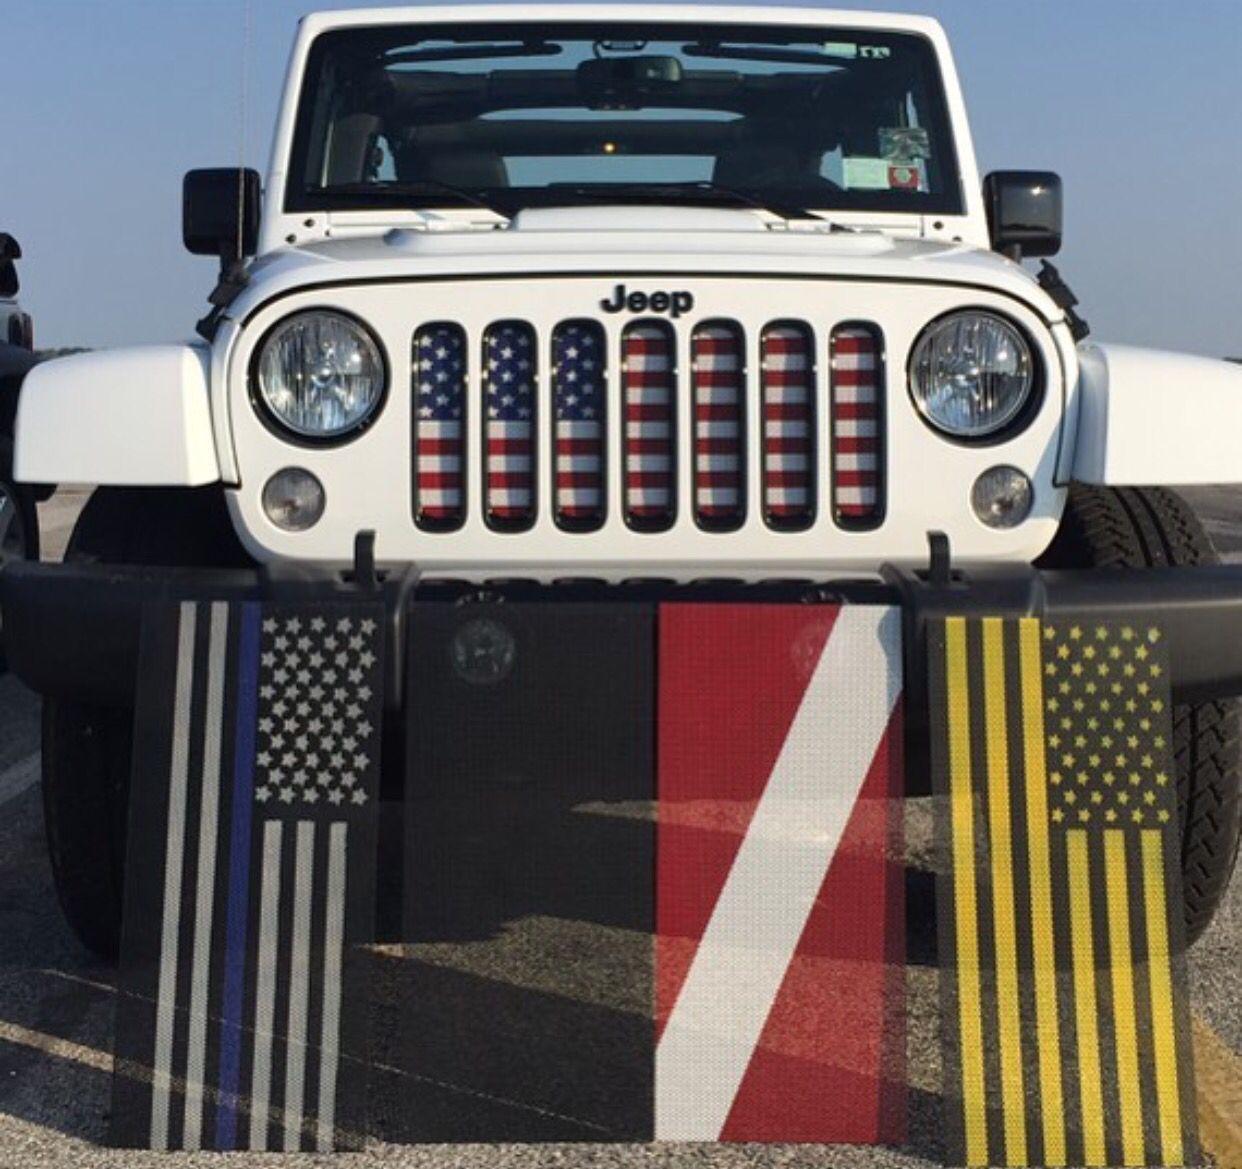 Jeep Wrangler Grill Cover Stuff Pinte 1998 Dash Pad More